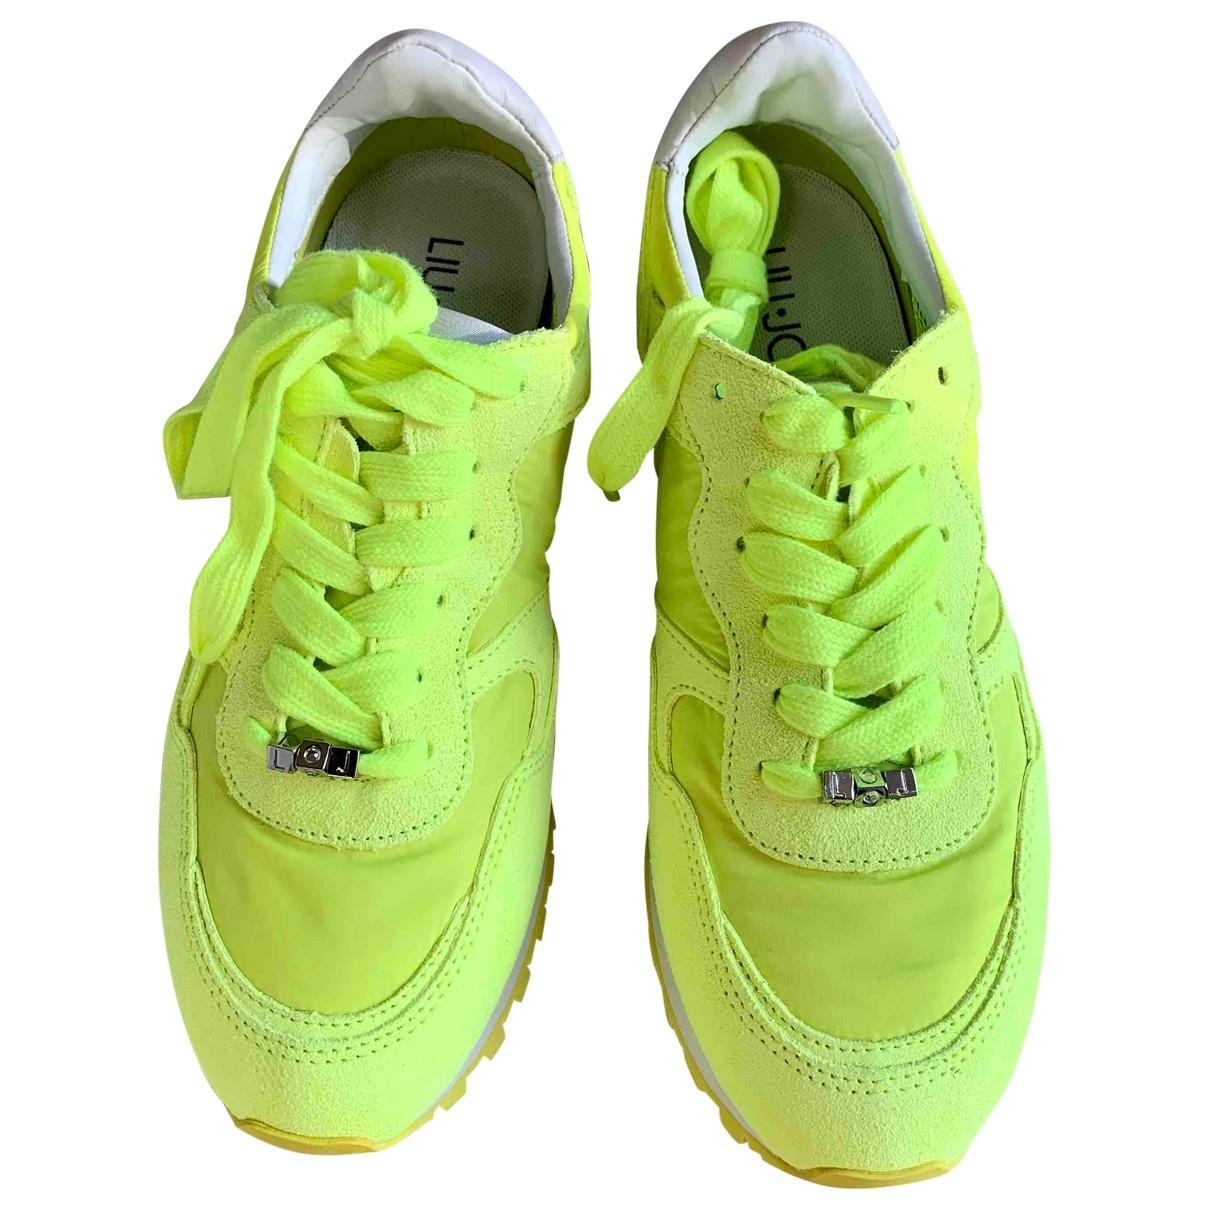 Liu.jo - Baskets   pour femme en cuir - jaune